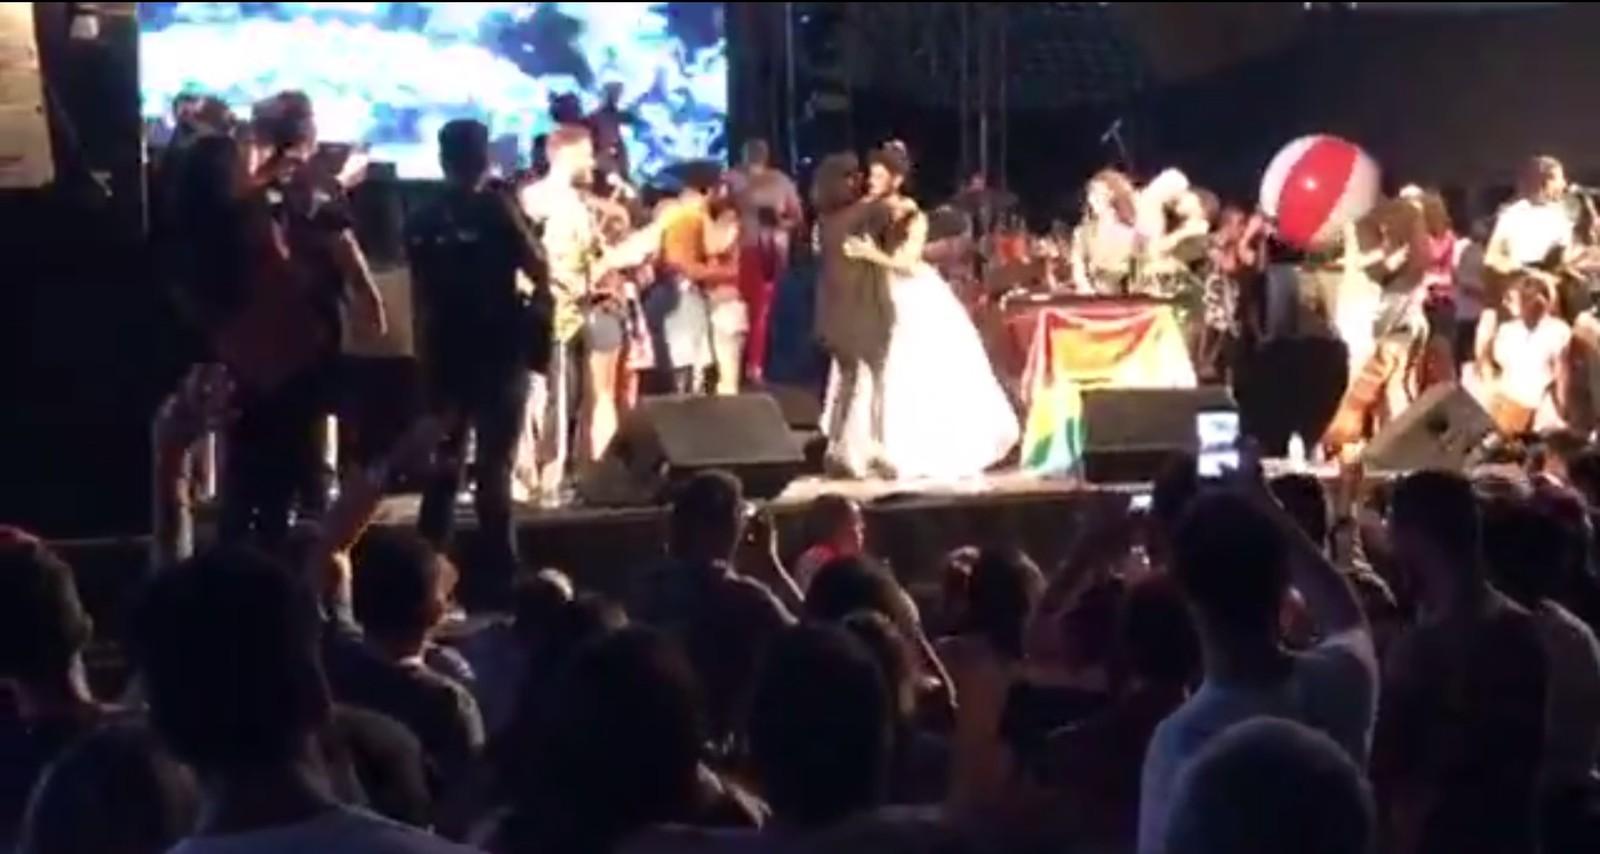 Festival de música em Natal teve protesto com 'beijaço' contra 'cura gay'; veja vídeo